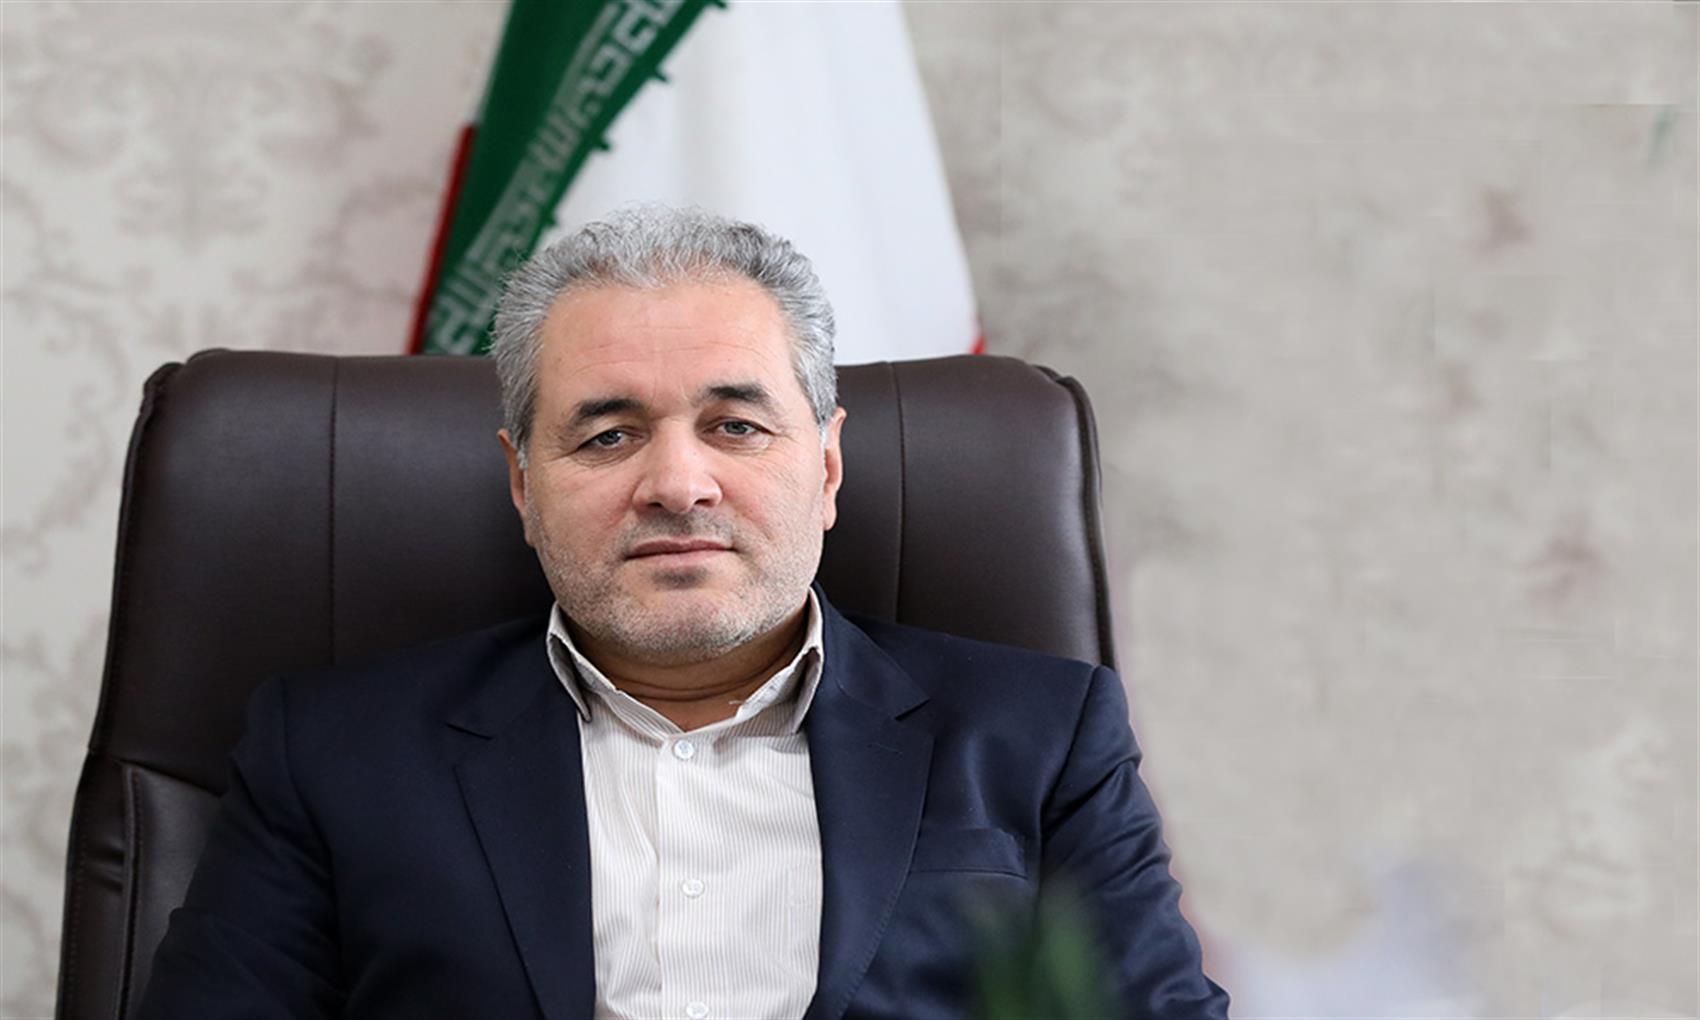 ۵ میلیون دقیقه مکالمه در پیک ترافیک ارتباطات بین ایران و عراق